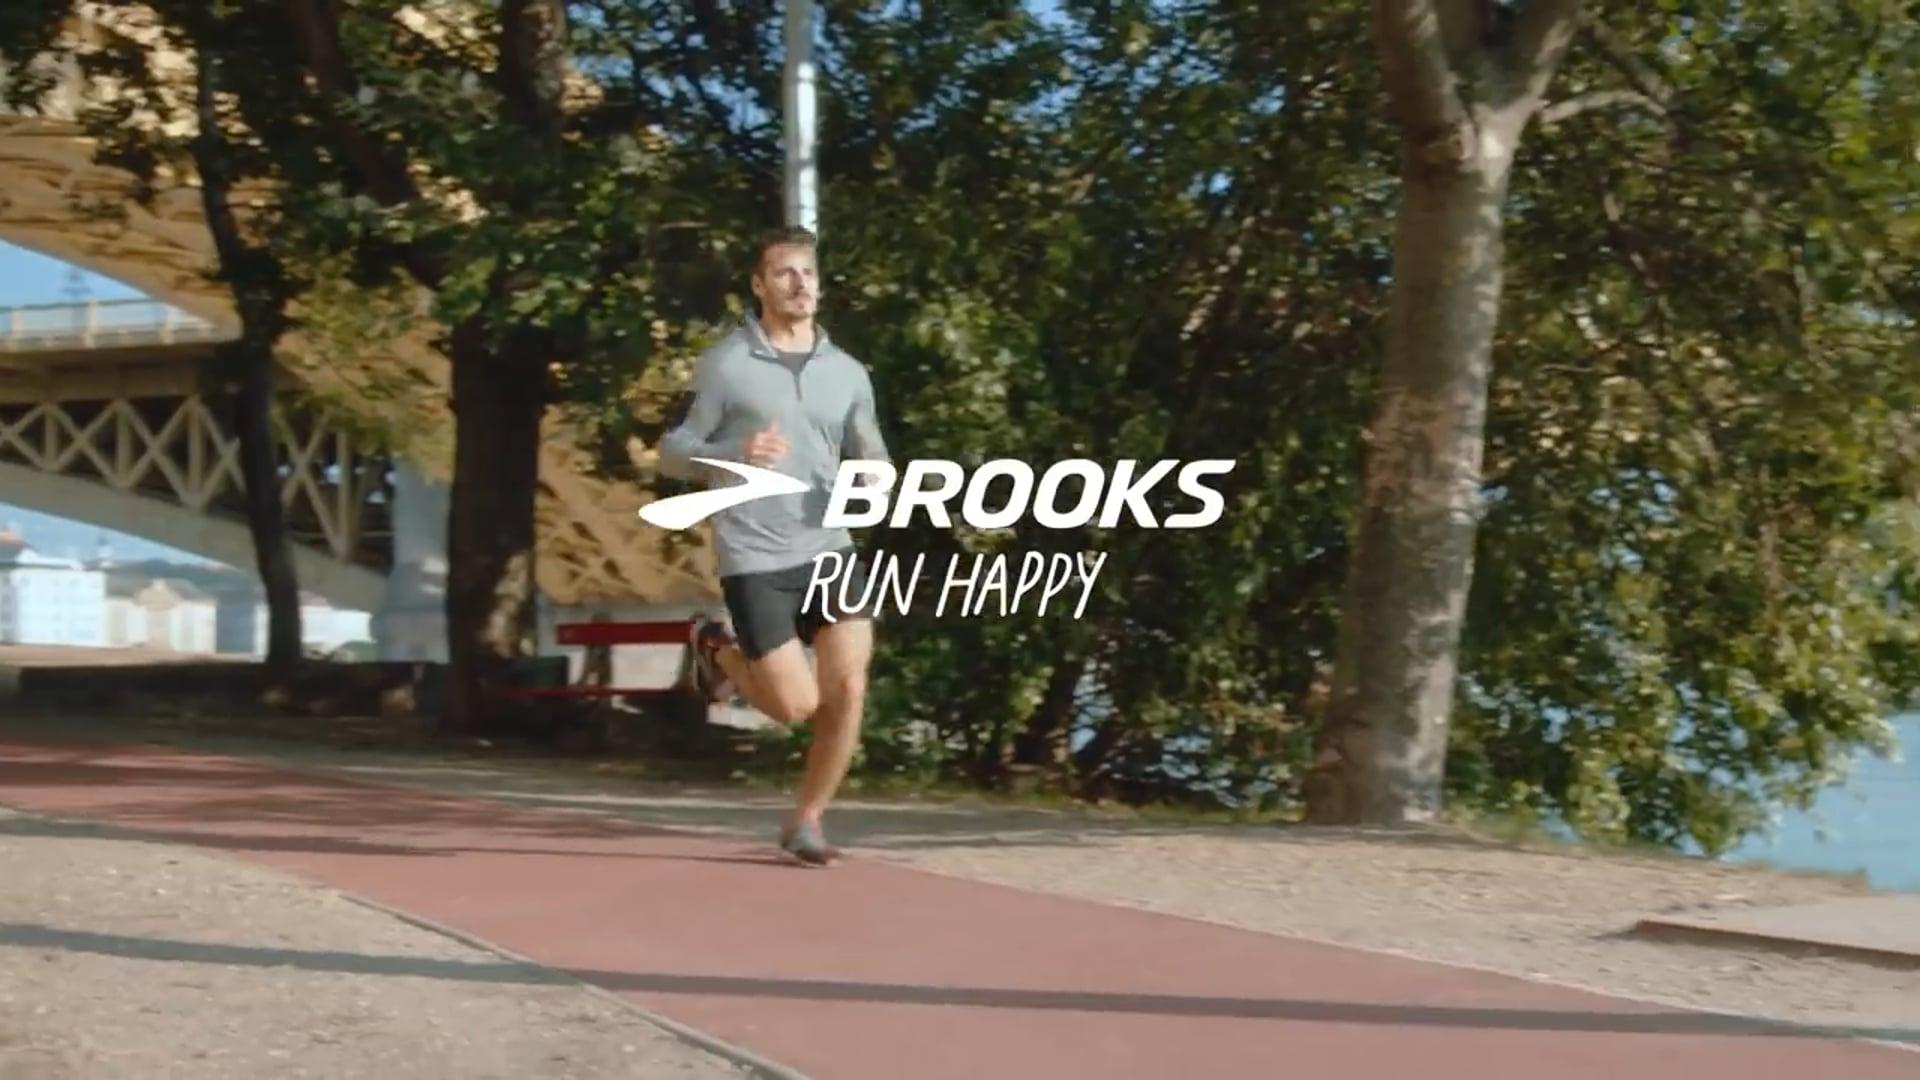 Brooks Sports Run Happy